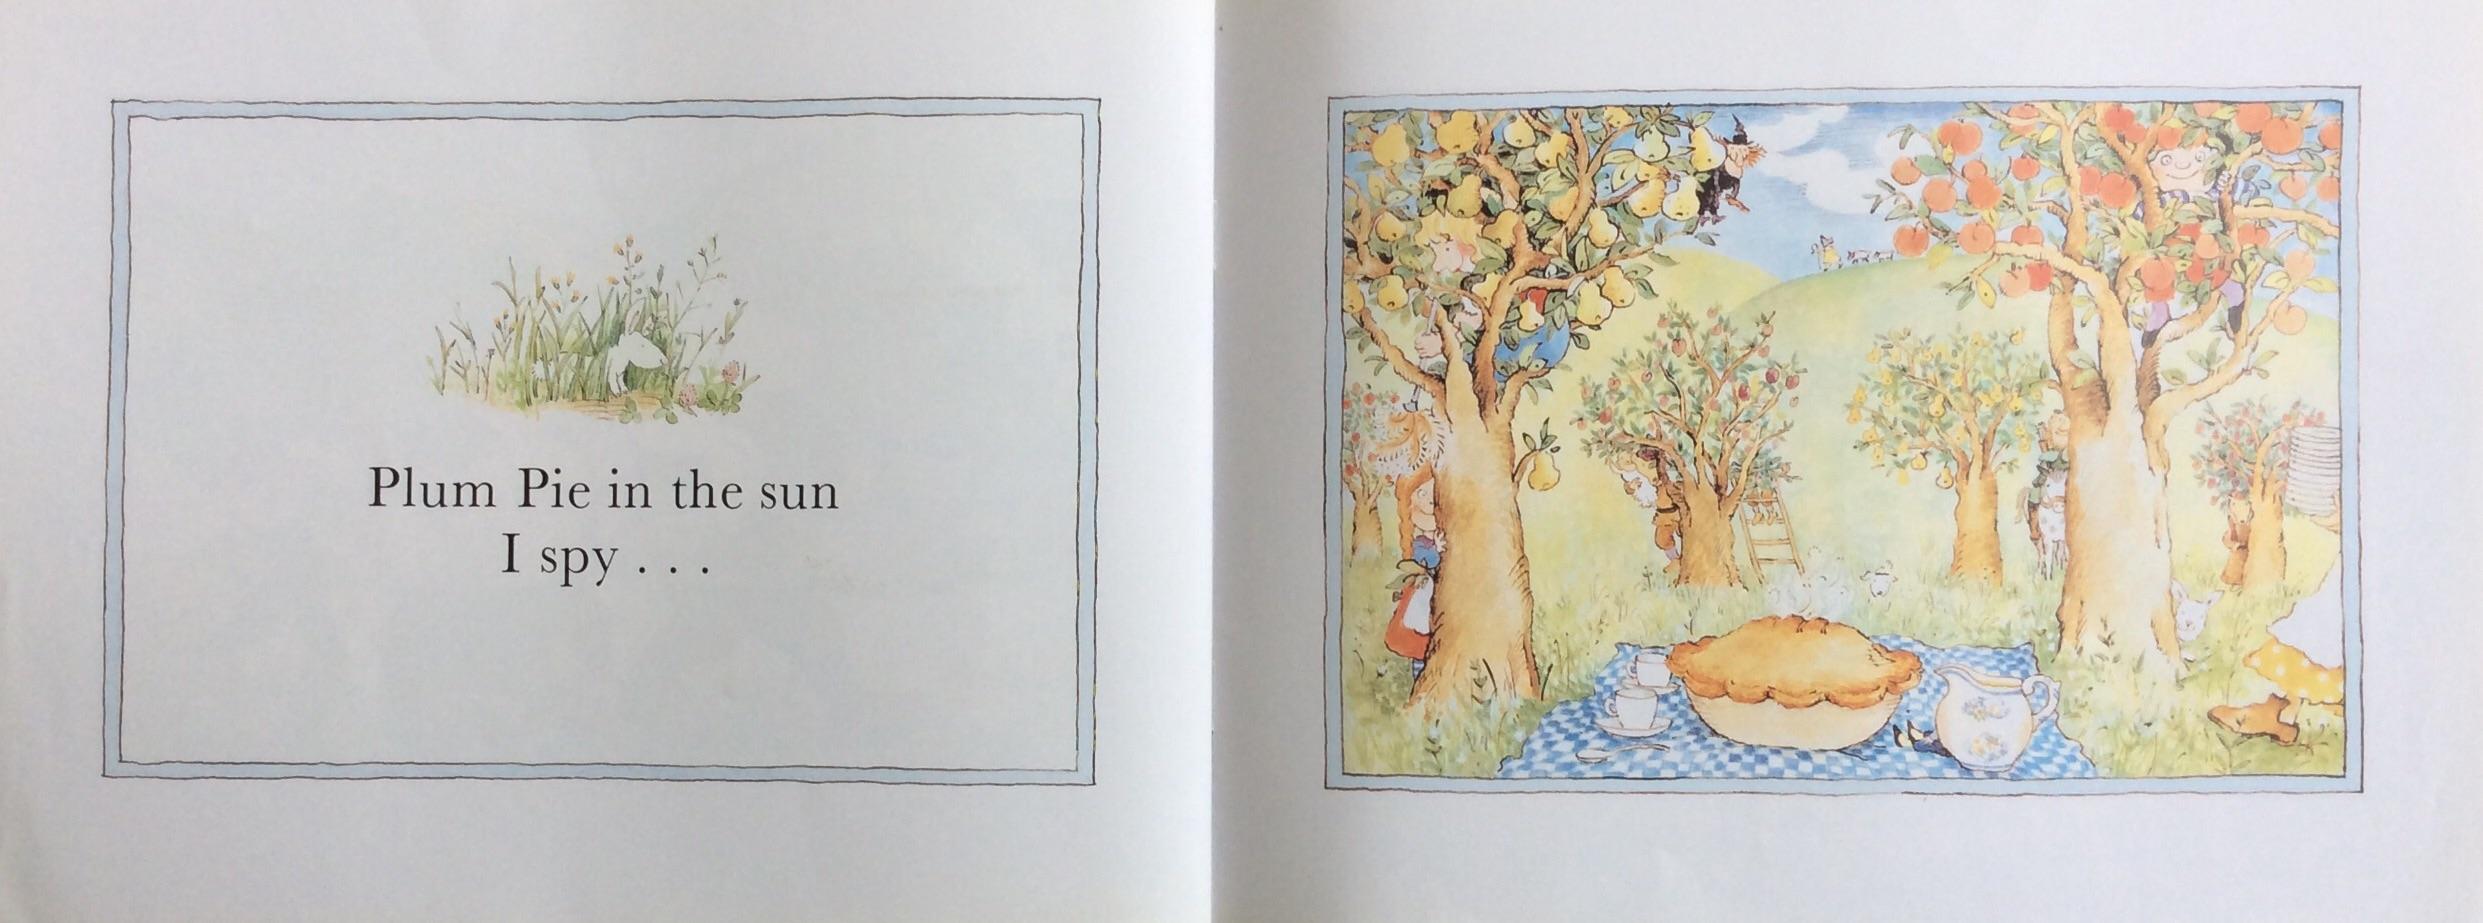 Each Peach Pear Plum Janet And Allan Ahlberg